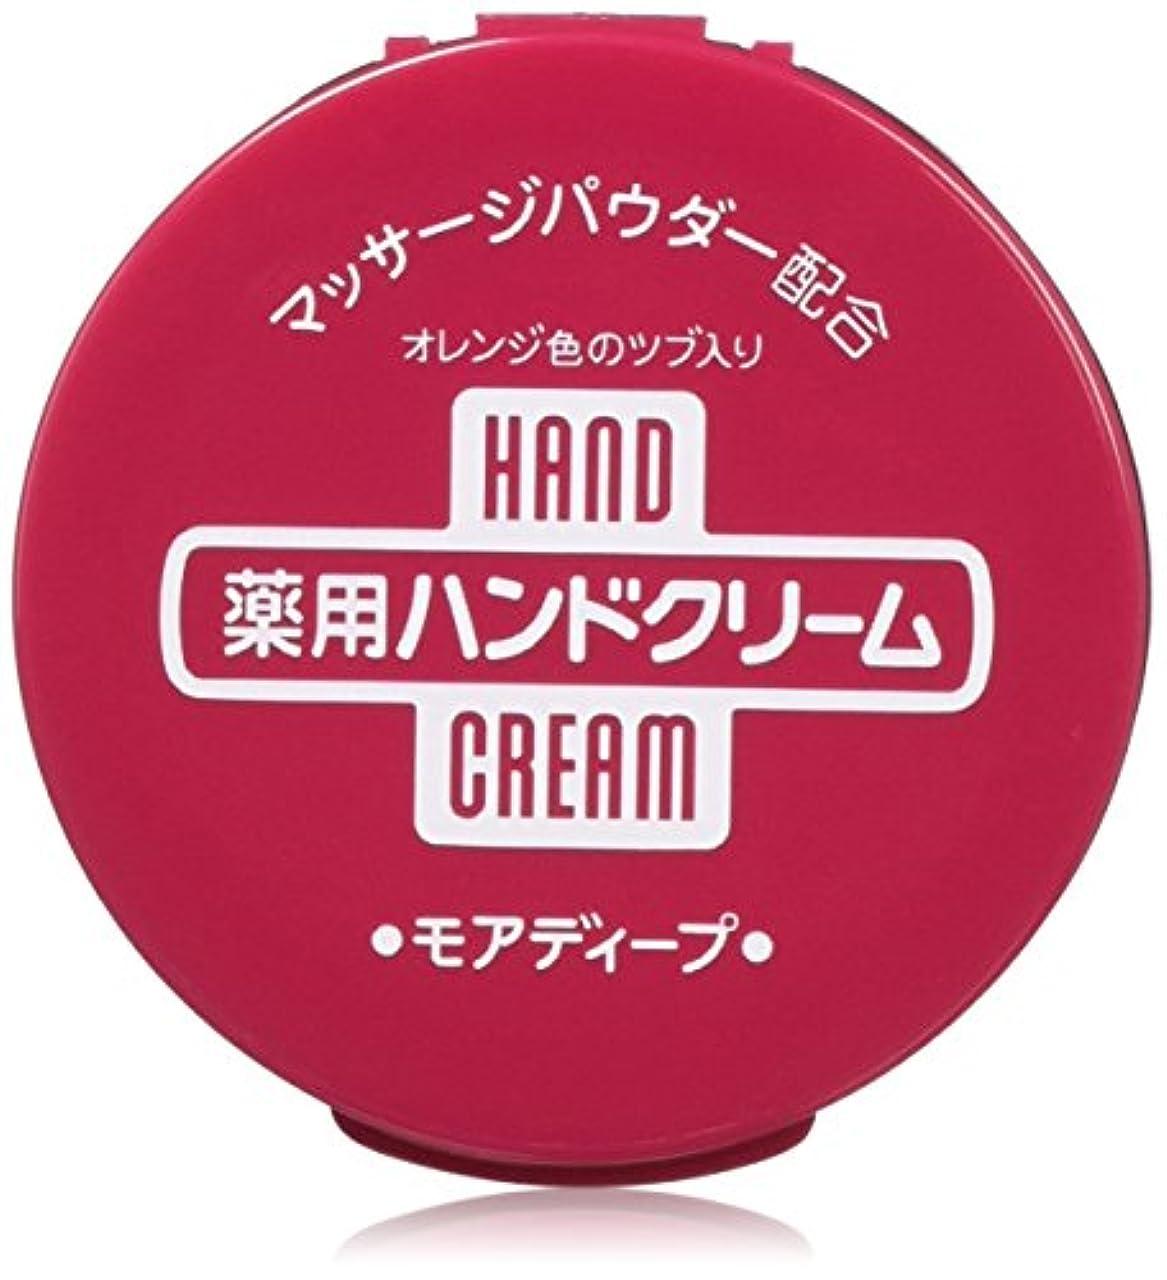 ヤング正確なコショウ【まとめ買い】薬用ハンドクリーム モアディープ 100g×12個